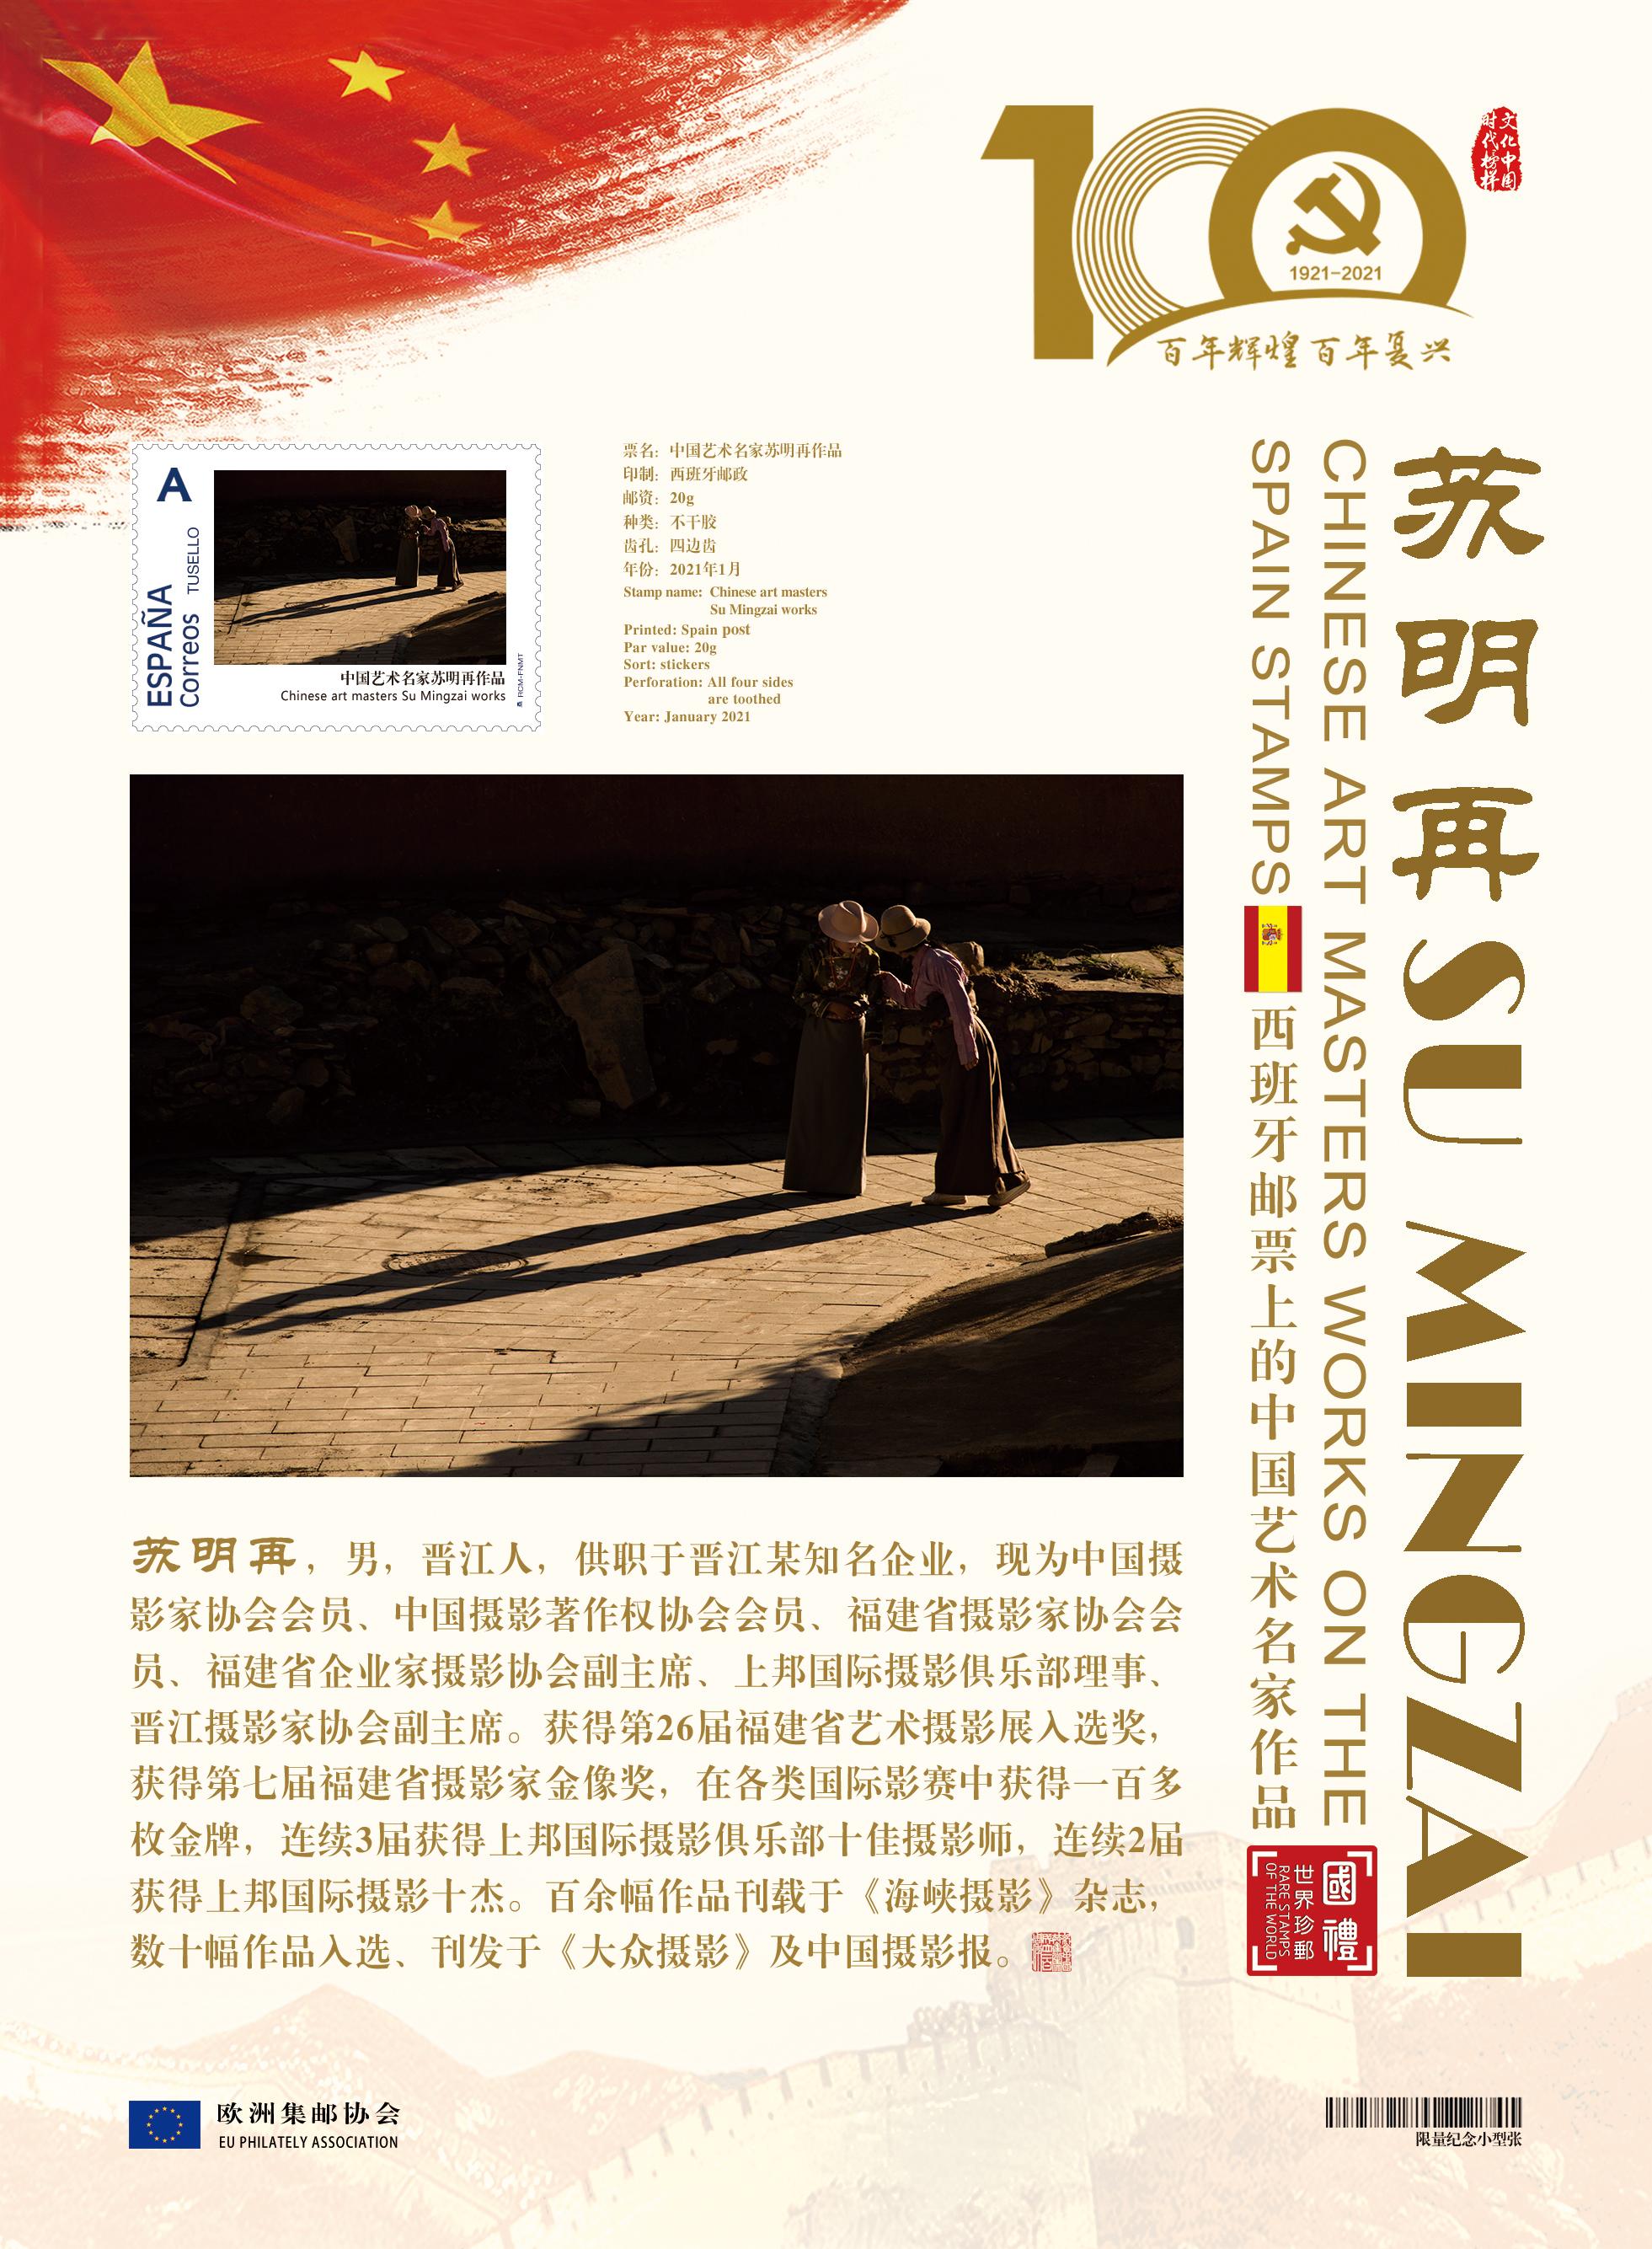 文化中国·时代榜样苏明再系列邮票全球发行